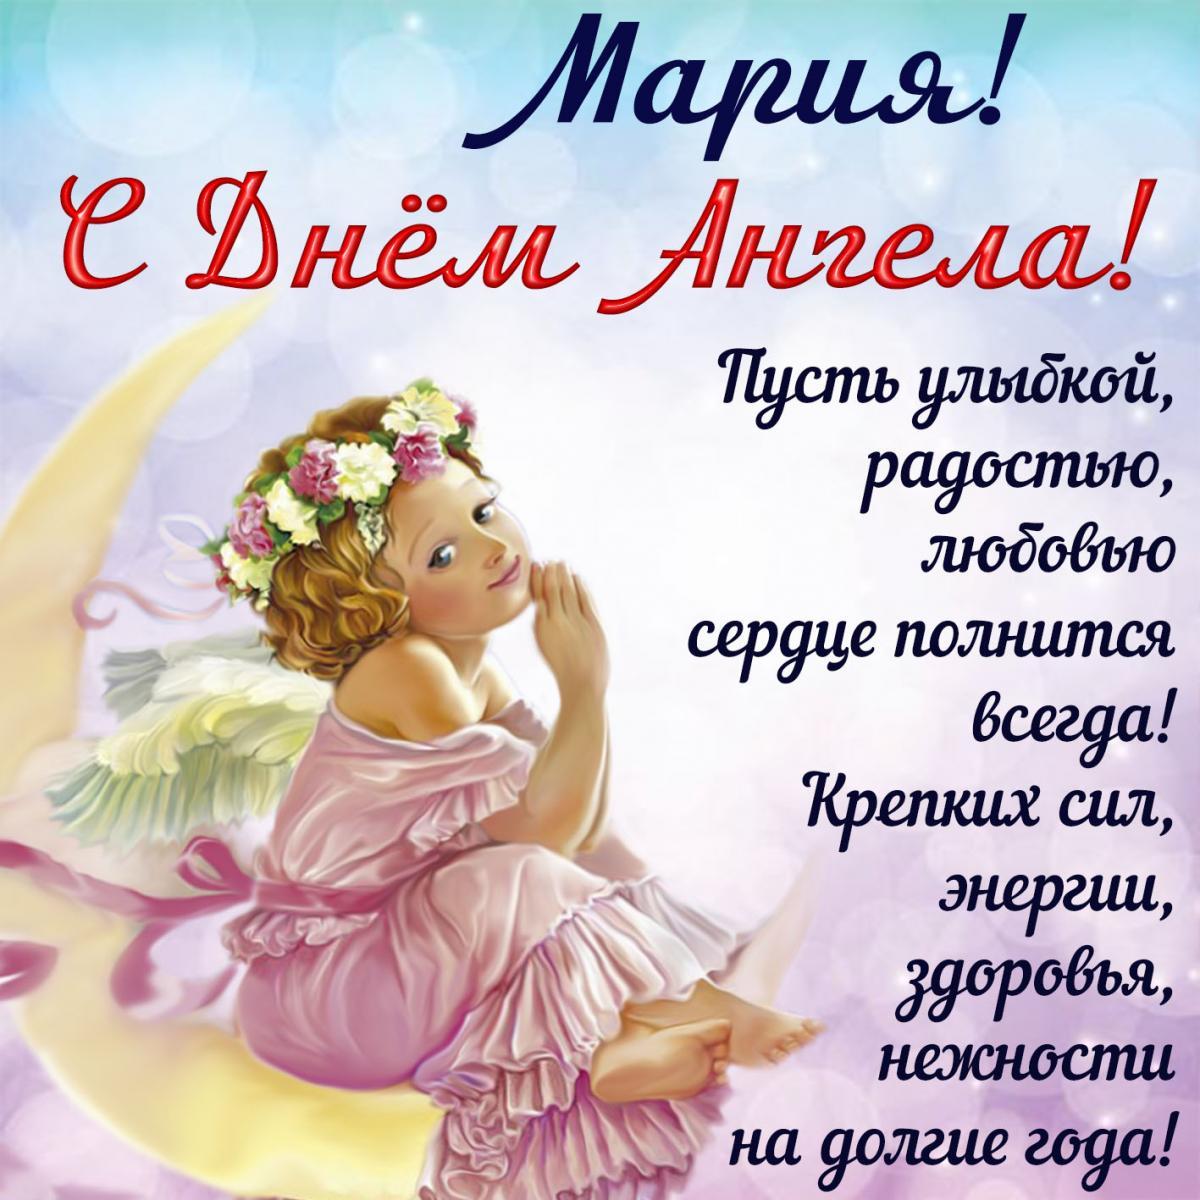 С Днем ангела Марии